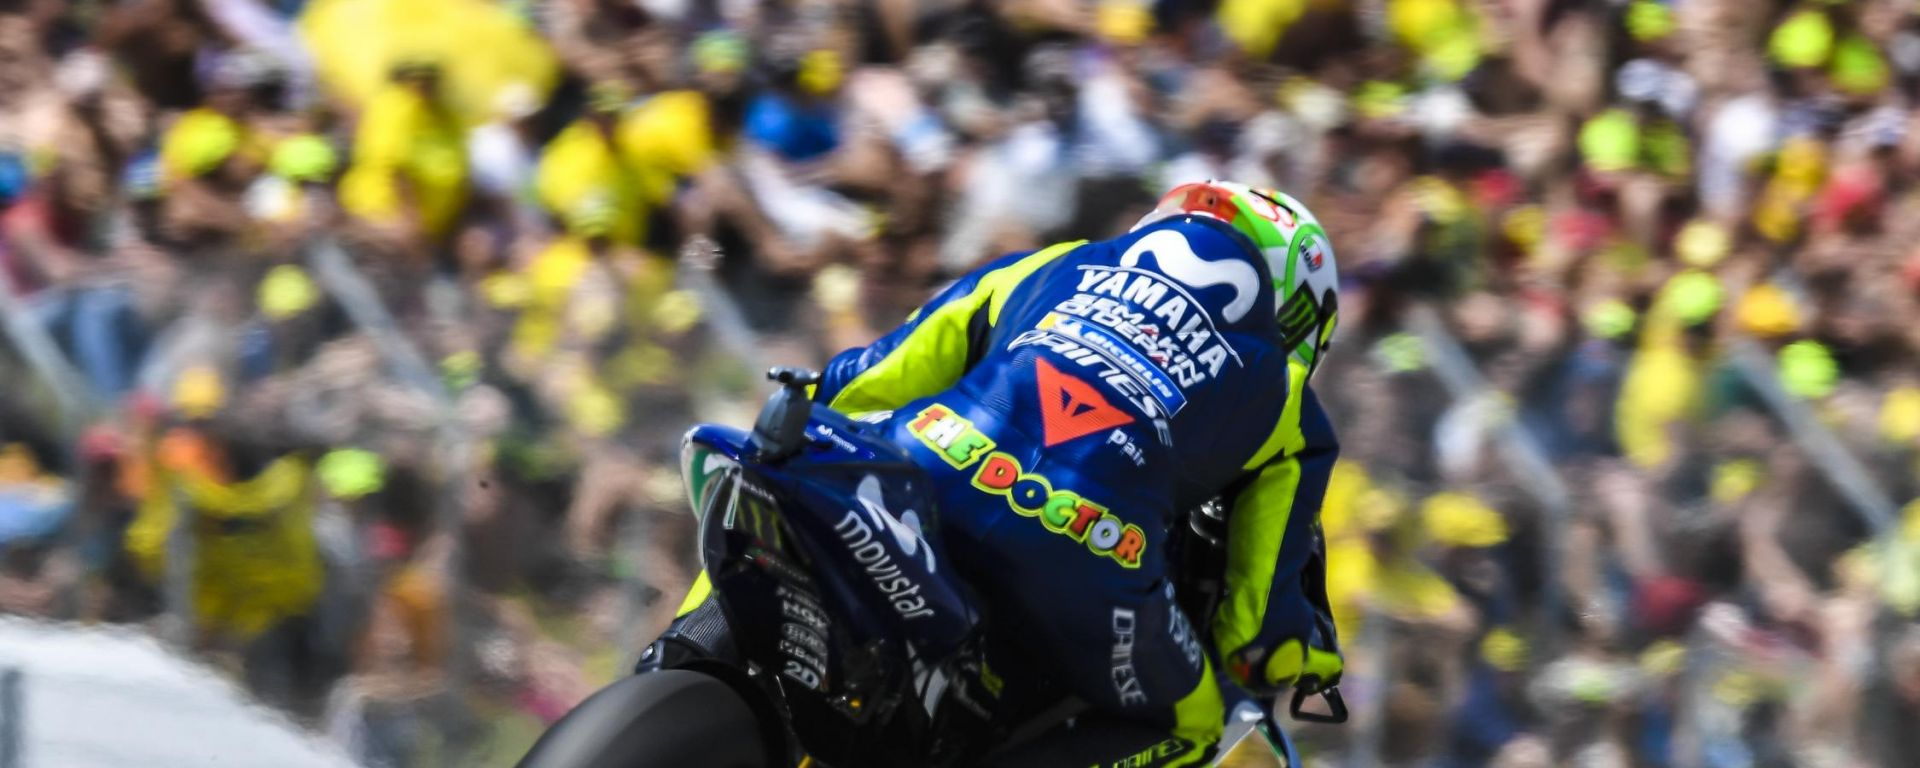 MotoGP Italia 2019, Mugello: gli orari tv di Sky e TV8